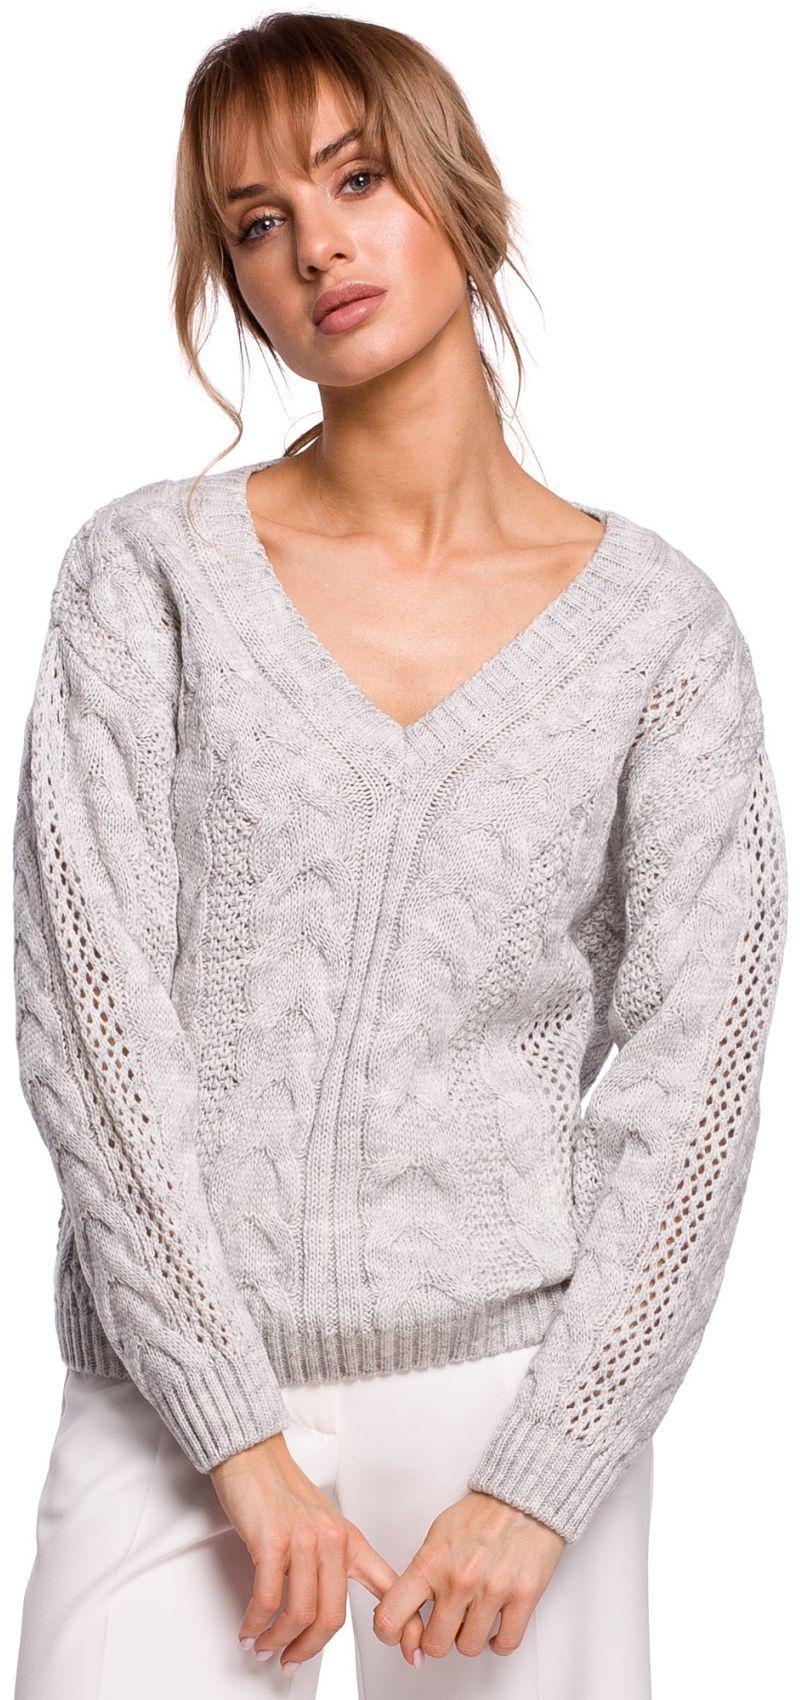 M510 Ażurowy sweter z dekoltem w serek - szary